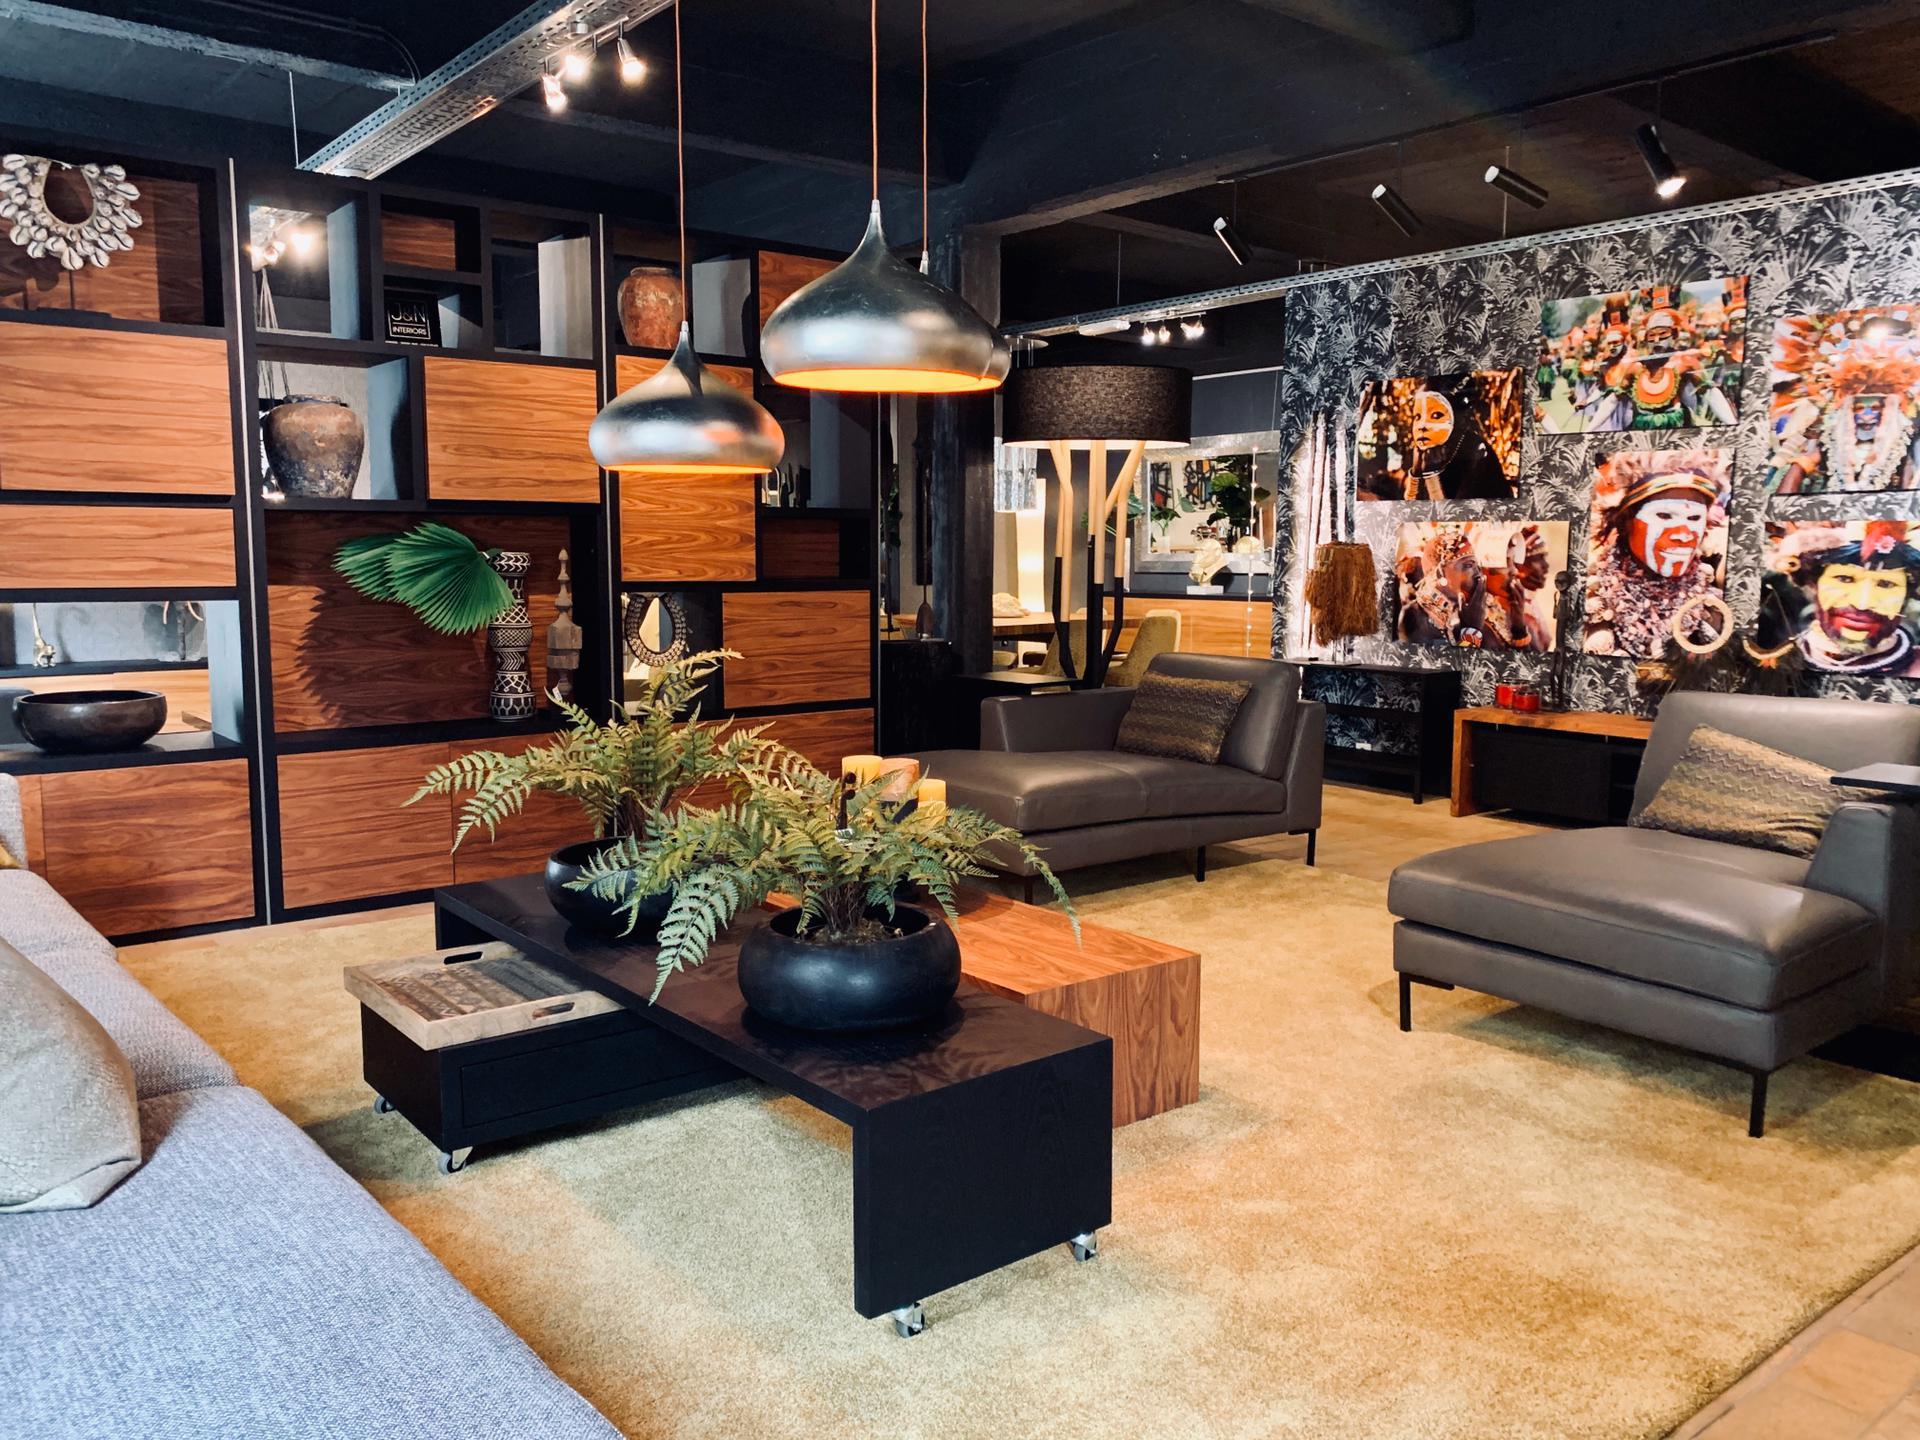 Salon spacieux, table basse, canapé divan luxe, décoration belge, décoration ethnique, jn interiors, jour et nuit liège verviers